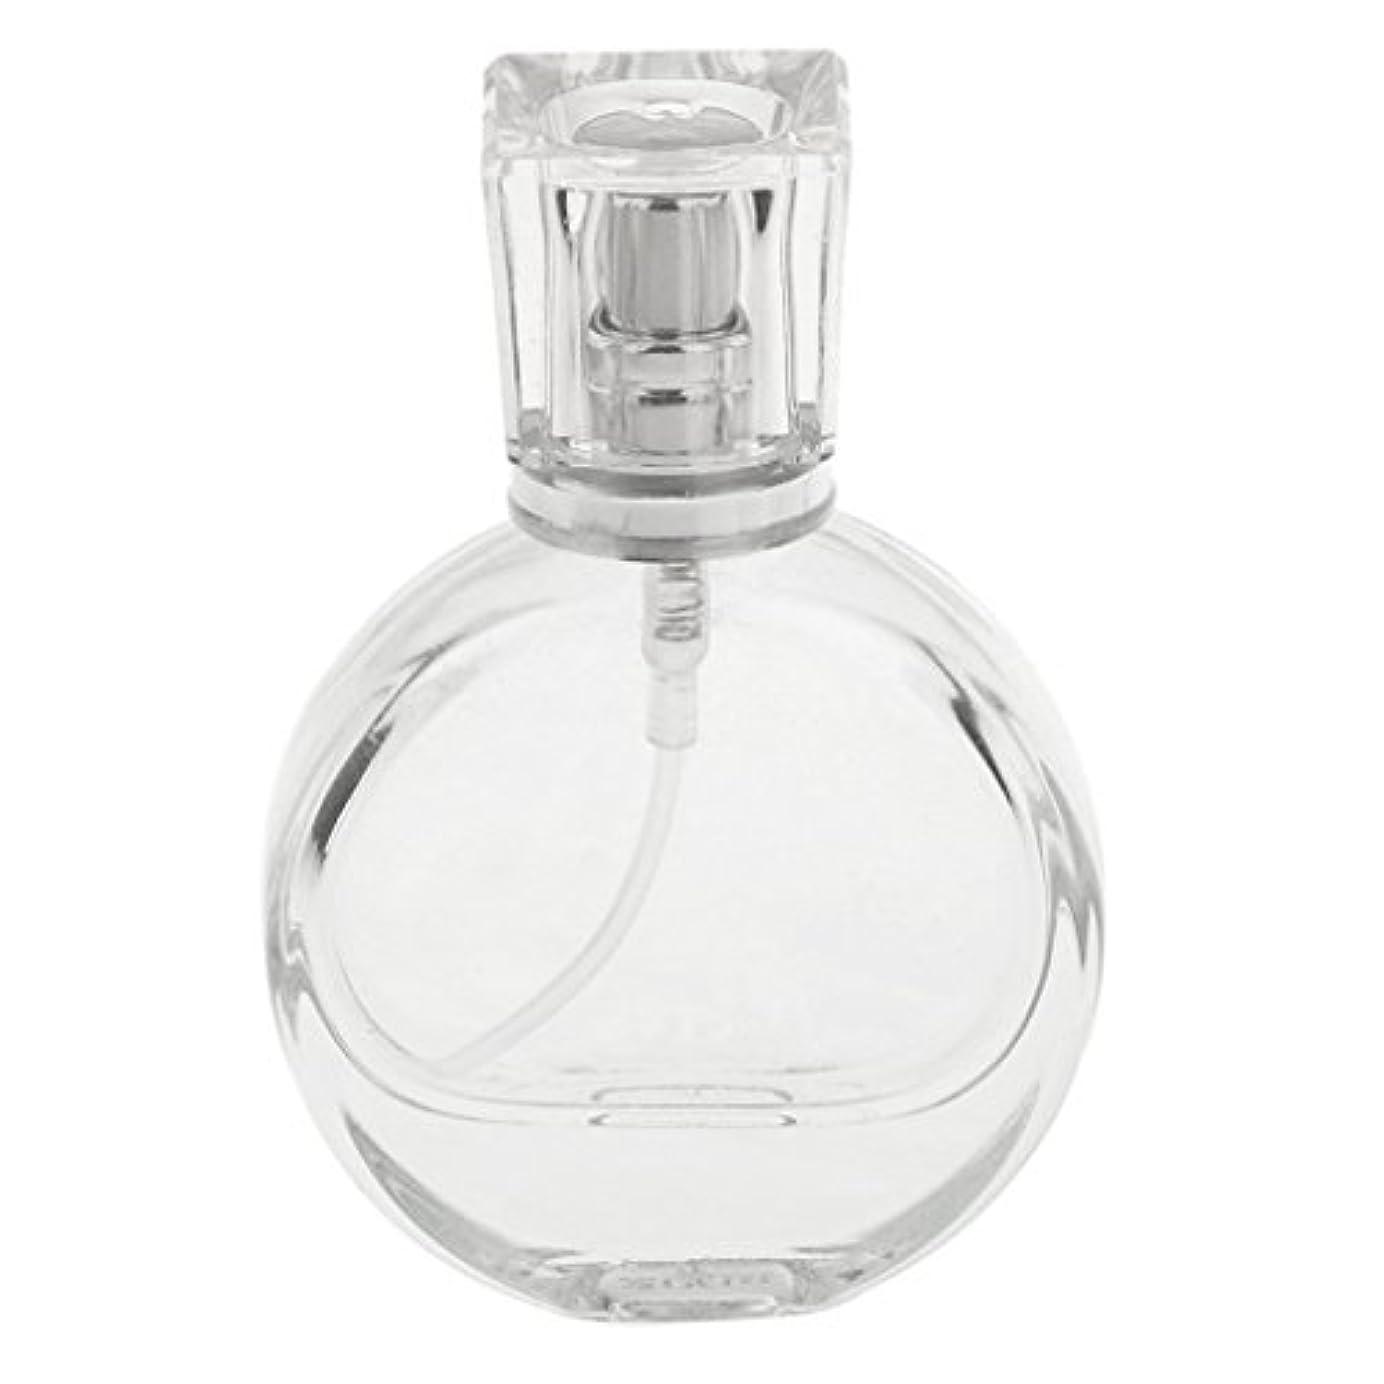 カウボーイ許す鮮やかな20ml スプレーボトル 香水ボトル ミニボトル 詰め替えボトル 旅行出張 携帯便利